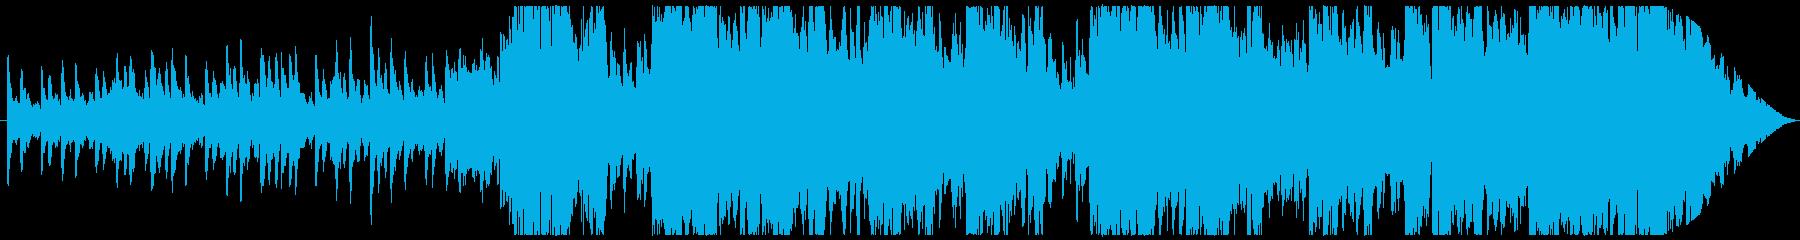 ジングル - アイリッシュな森の民族音楽の再生済みの波形